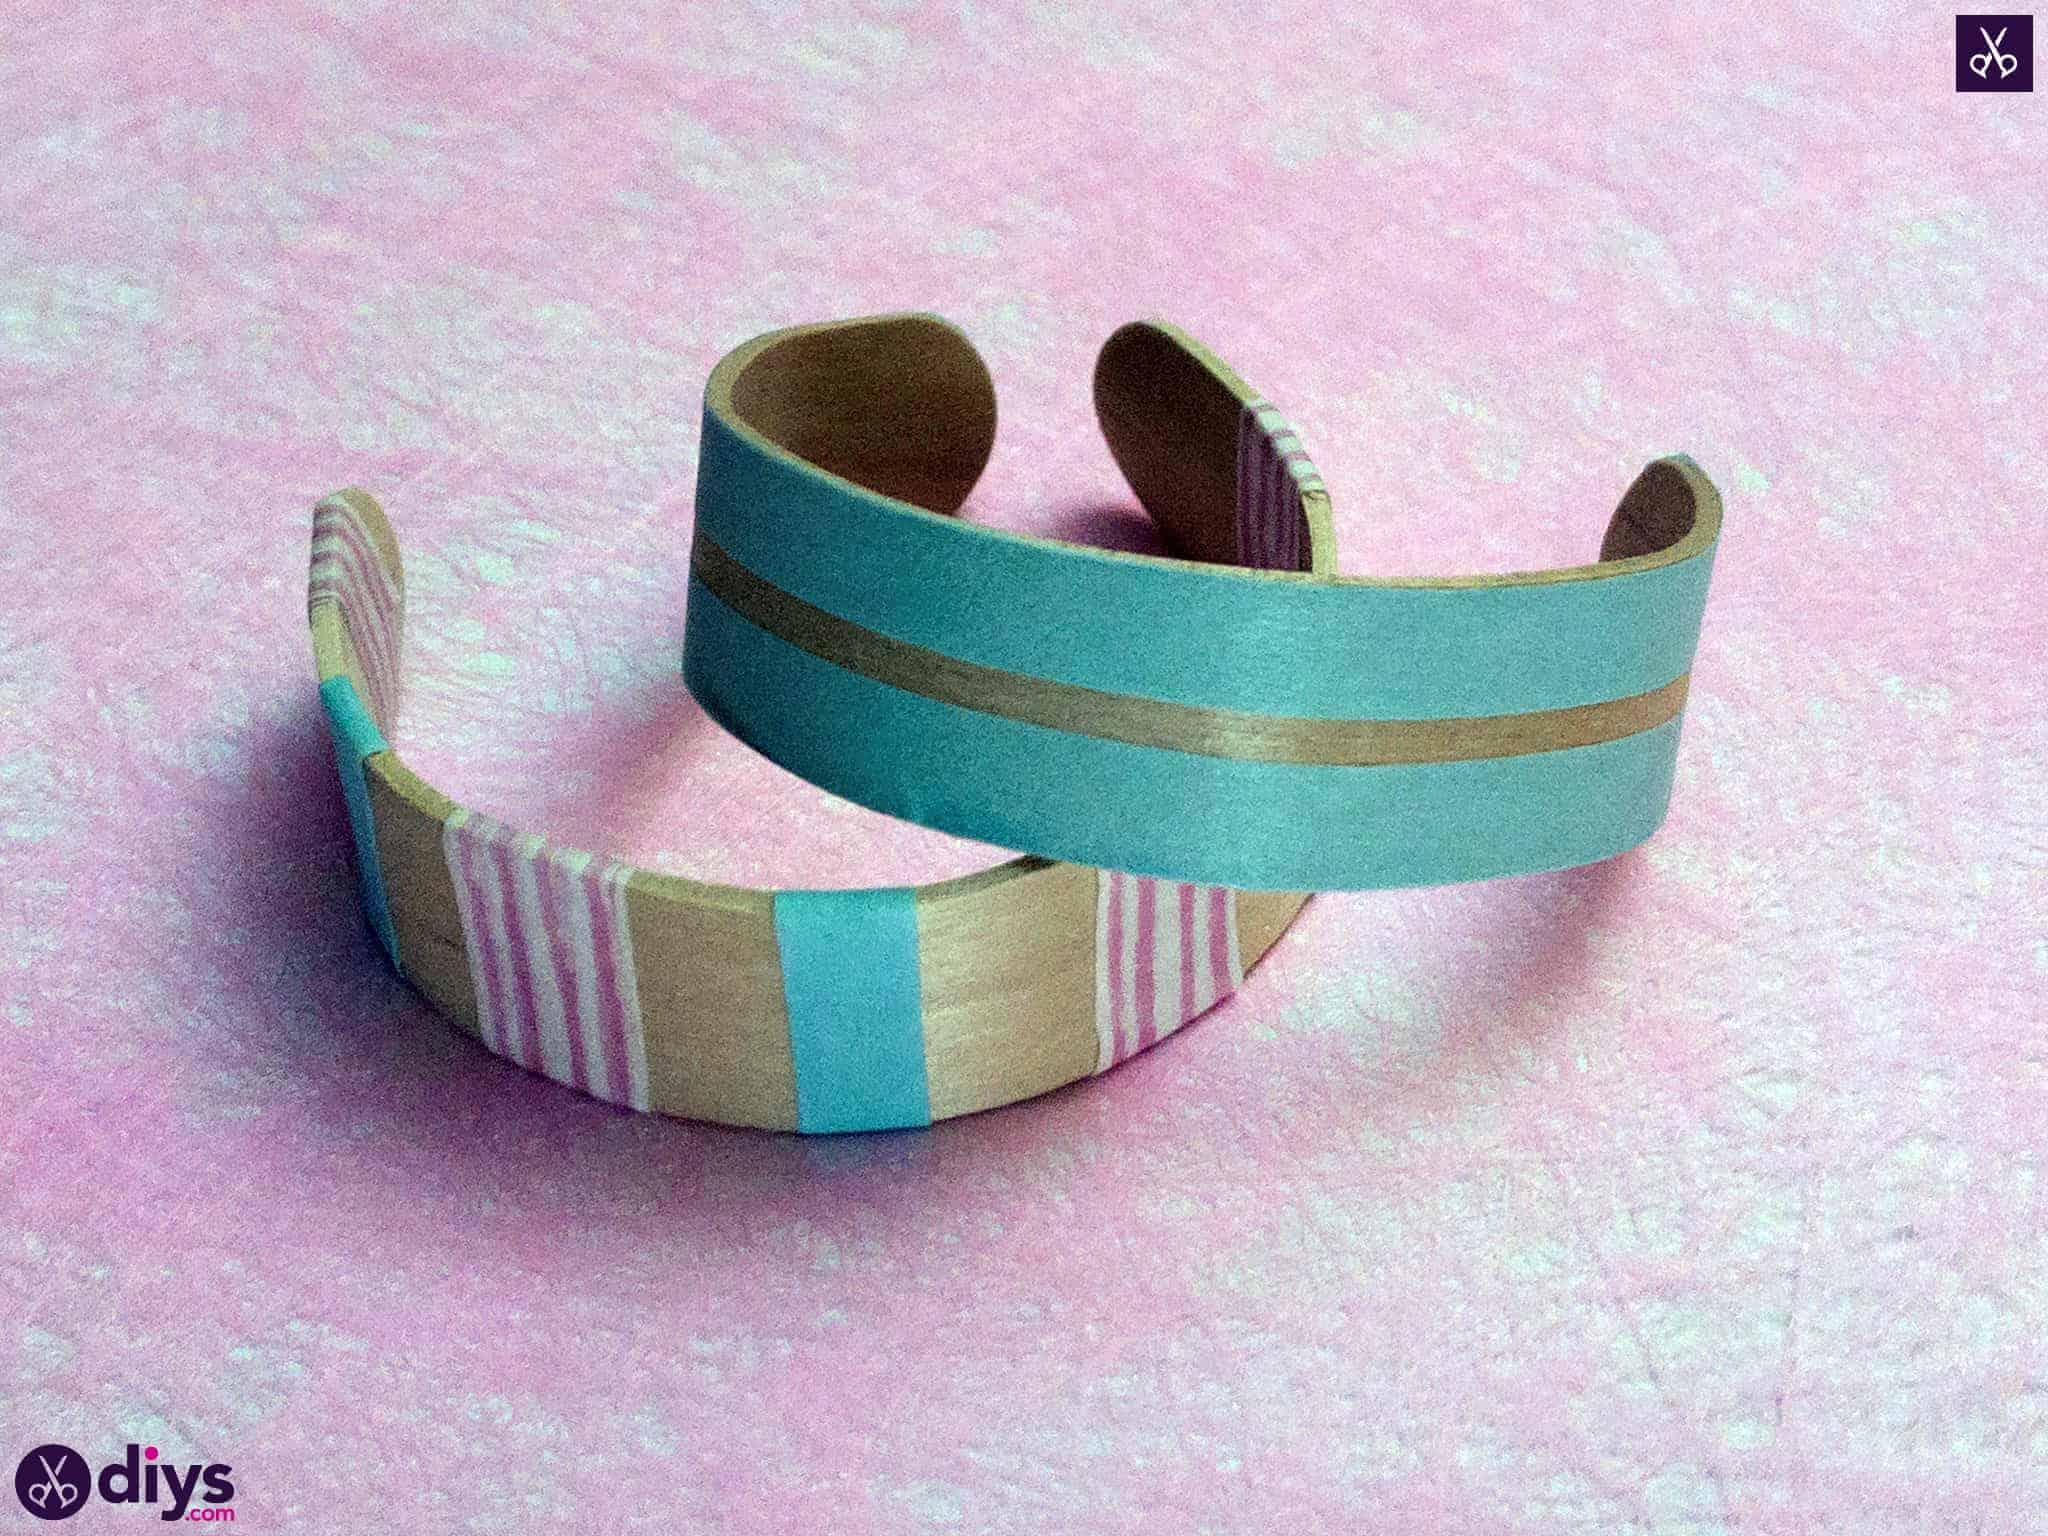 Comment faire un bracelet en bâton de popsicle